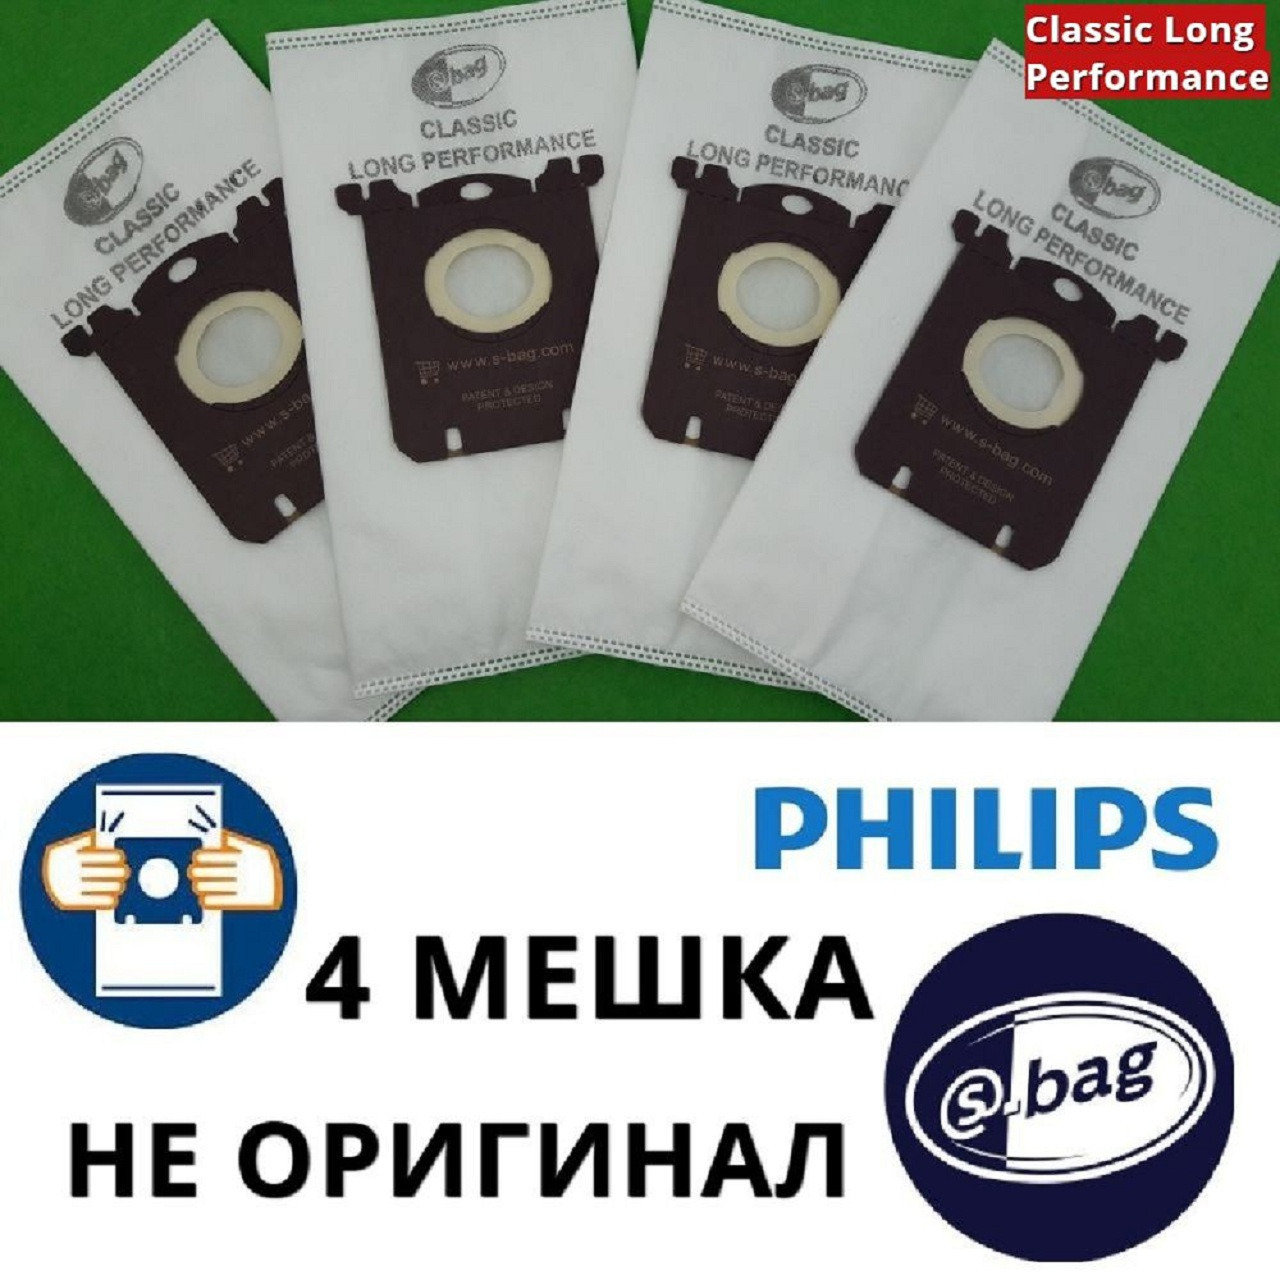 Не оригінал fc8021/03. Синтетичний мішок для пилососа Філіпс s-bag. Сміттєві мішки для пилососа в комплекті